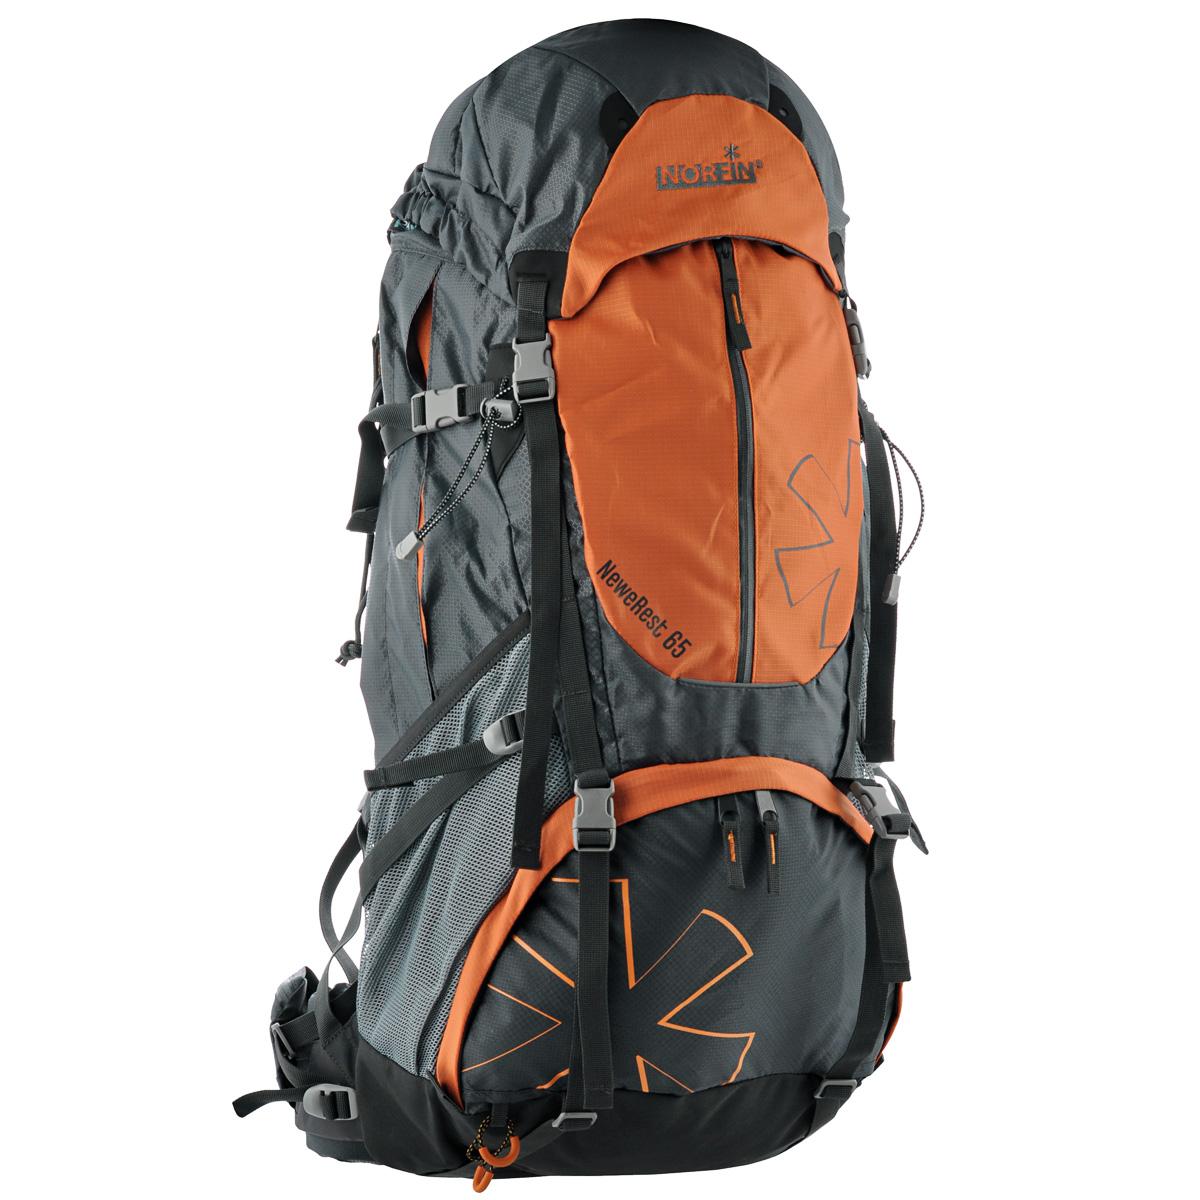 Рюкзак туристический Norfin NeweRest, цвет: серый, оранжевый, 65 лNS-40207Туристический функциональный 65-литровый рюкзак Norfin NeweRest отлично подойдет для походов и путешествий. Особенности рюкзака:Анатомический съемный пояс с карманами. Отлично сидит на бедрах, хорошо перераспределяет нагрузкуРегулируемая подвесная система H-1 Плечевые лямки с перфорированным наполнителем EVA для смягчения, с карманами Грудная стяжка Алюминиевые латы Выход под питьевую систему Основное отделение с разделительной мембраной позволит удобно распределить содержимое рюкзака Верхний и нижний входы в основное отделение Большие боковые карманы на молнии, боковые сетчатые карманы Большой фронтальный карман Плавающий верхний клапан с внешним и внутренним карманамиЧехол-дождевик в кармане на дне Возможность крепления горного снаряжения Водонепроницаемые молнии.Что взять с собой в поход?. Статья OZON Гид